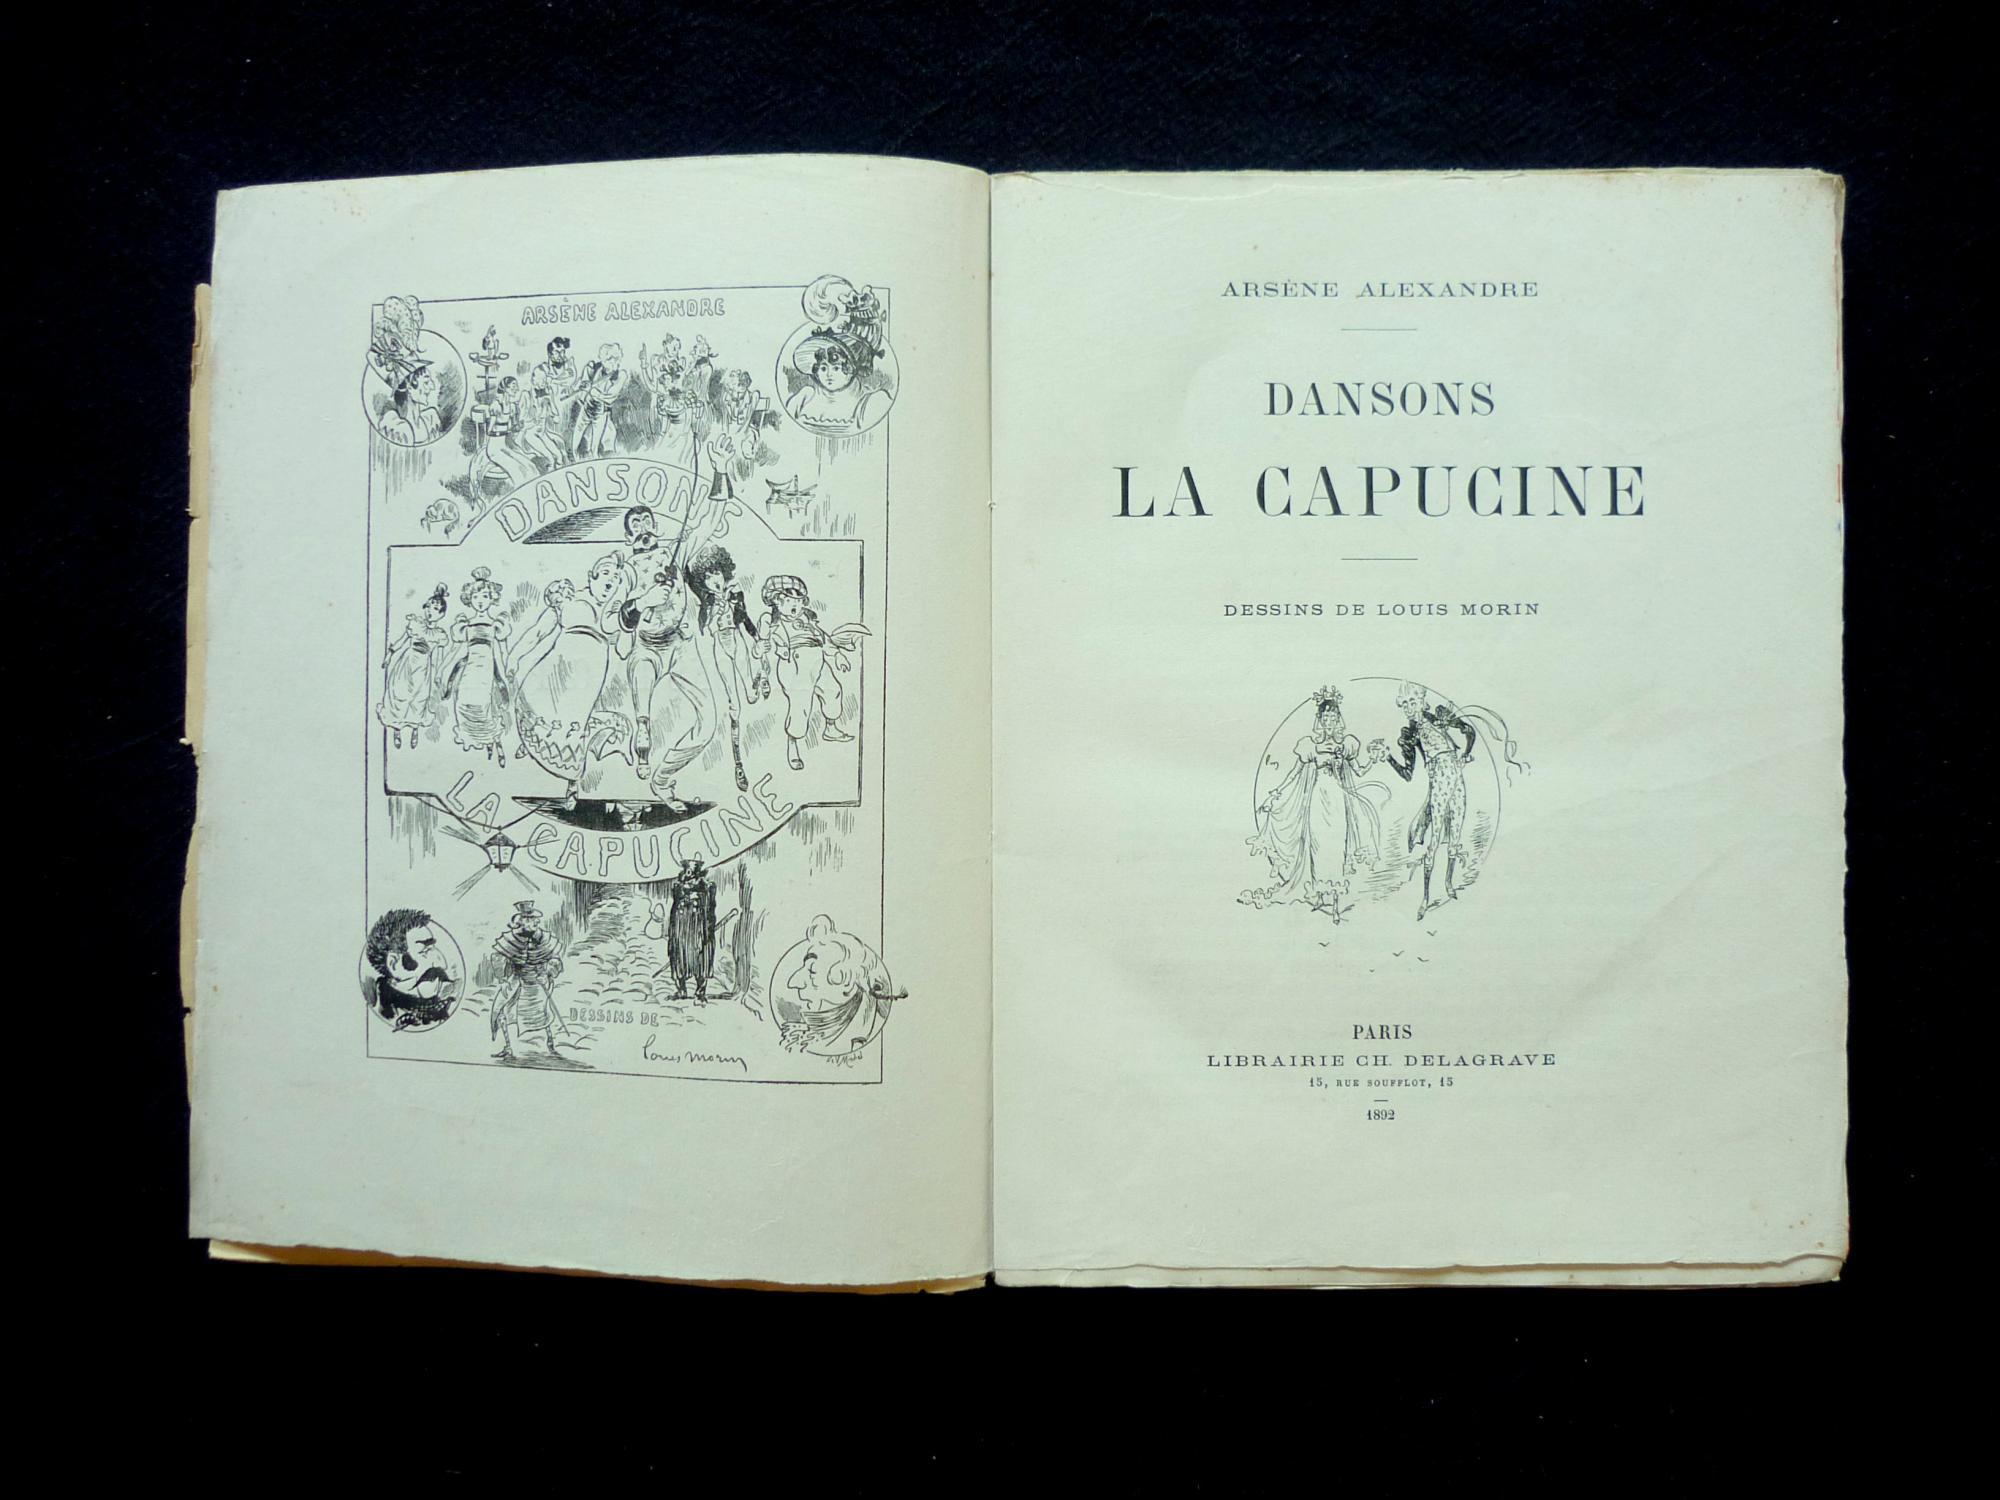 Dansons La Capucine By Alexandre, Arsène: Bon Couverture destiné Danson La Capucine